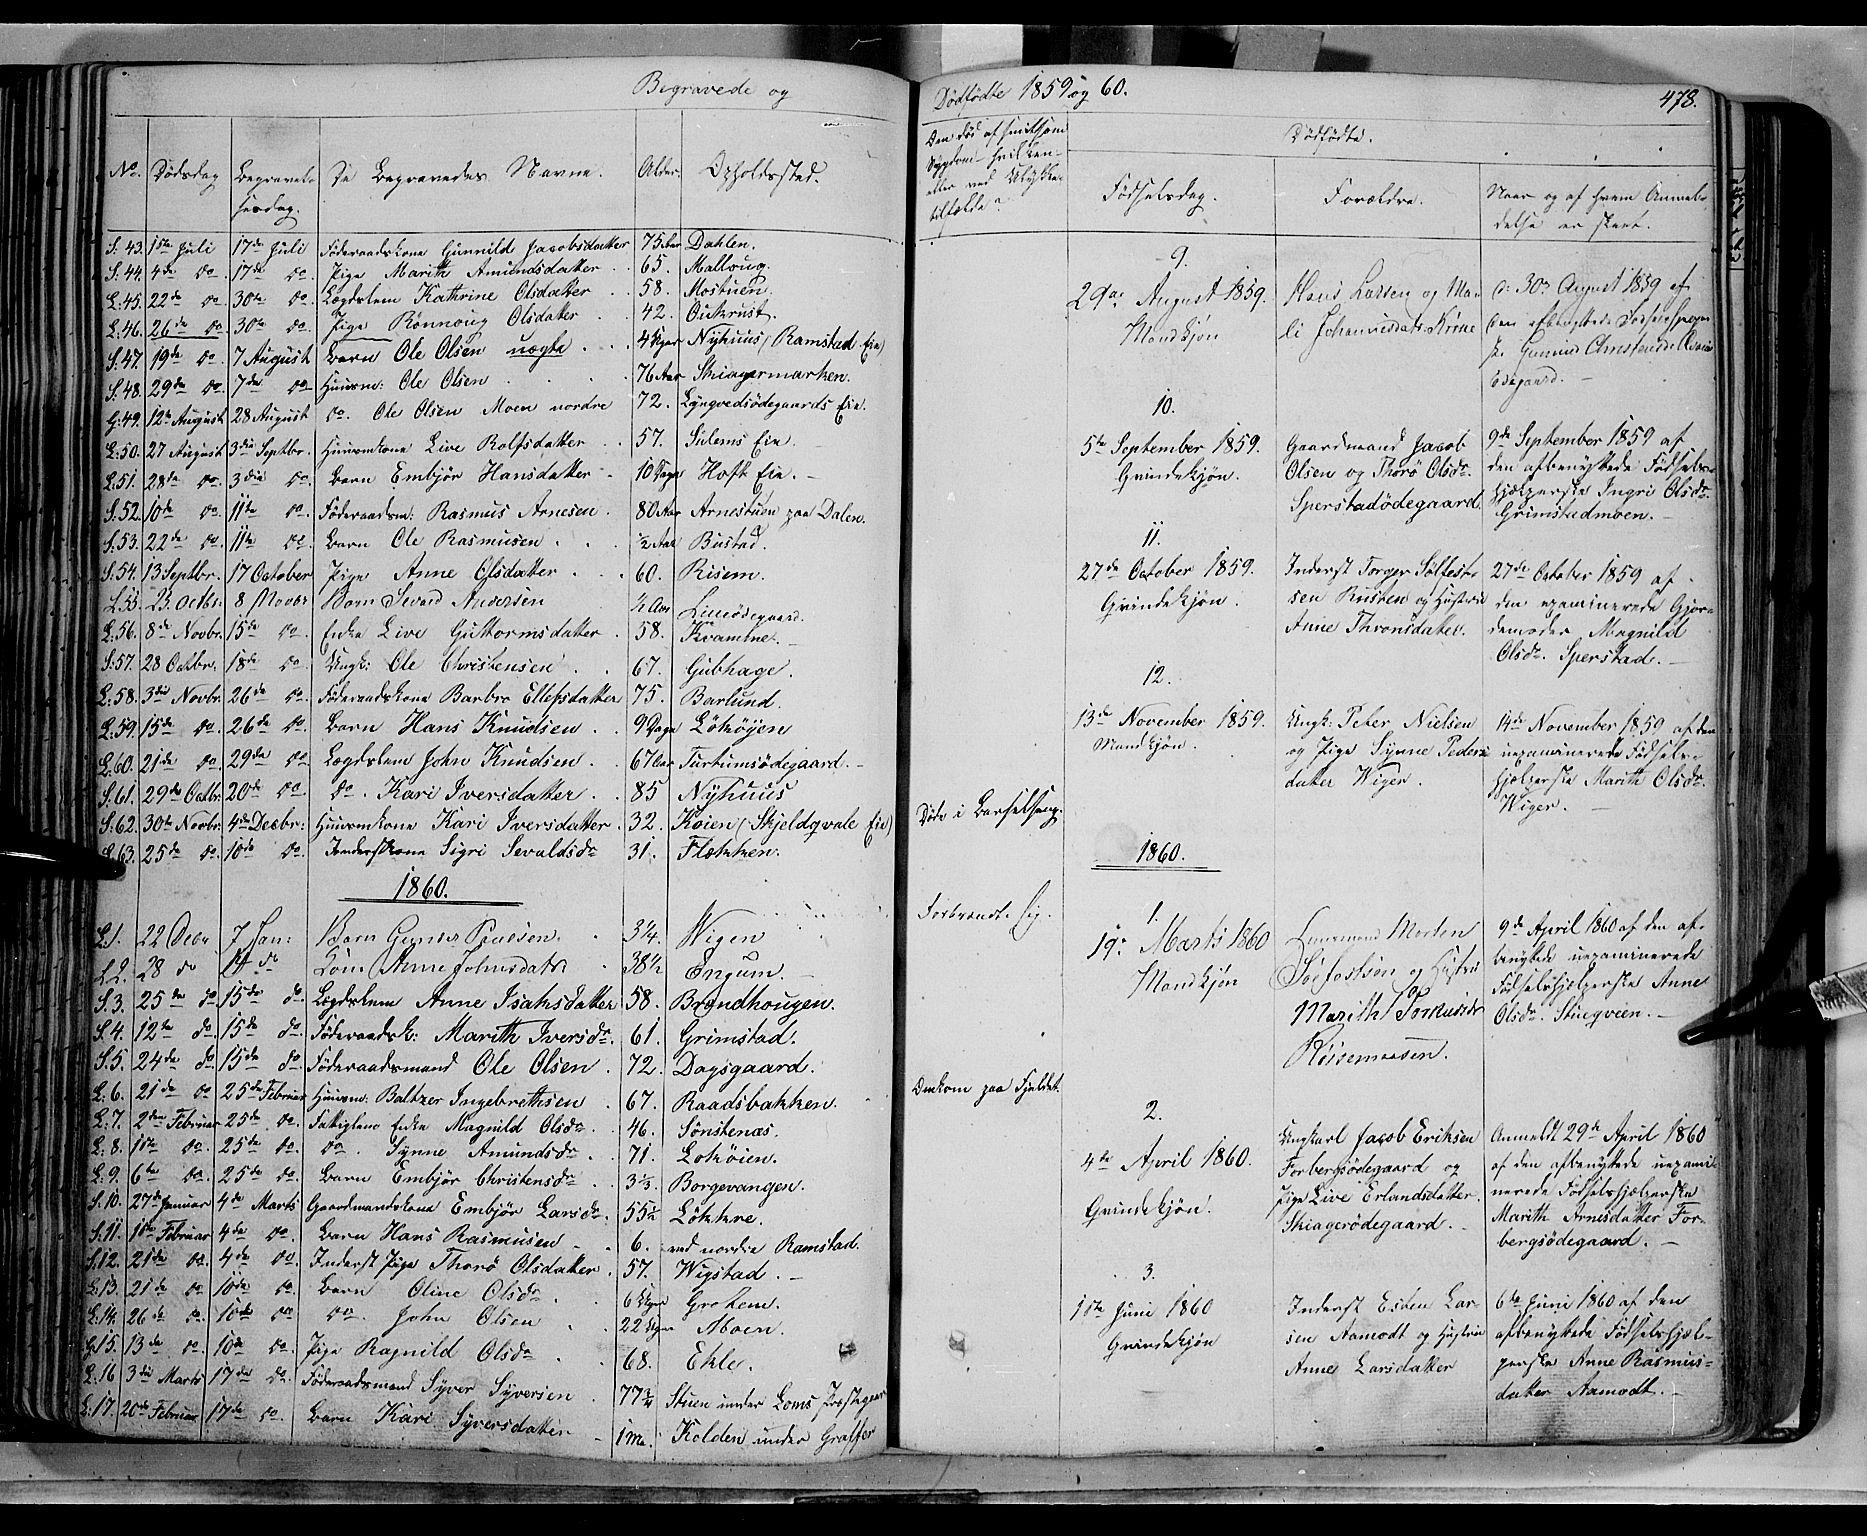 SAH, Lom prestekontor, K/L0006: Ministerialbok nr. 6B, 1837-1863, s. 478